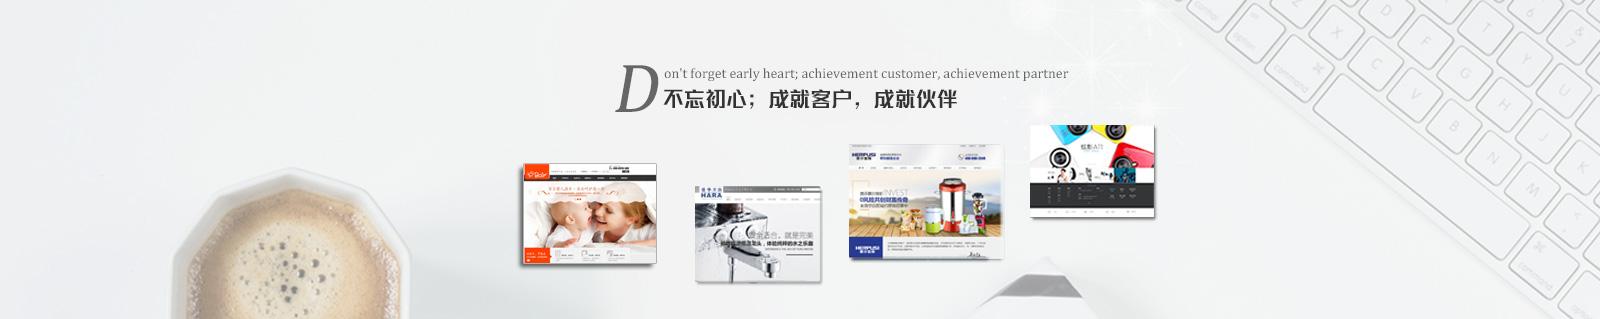 杭州九道网络科技有限公司